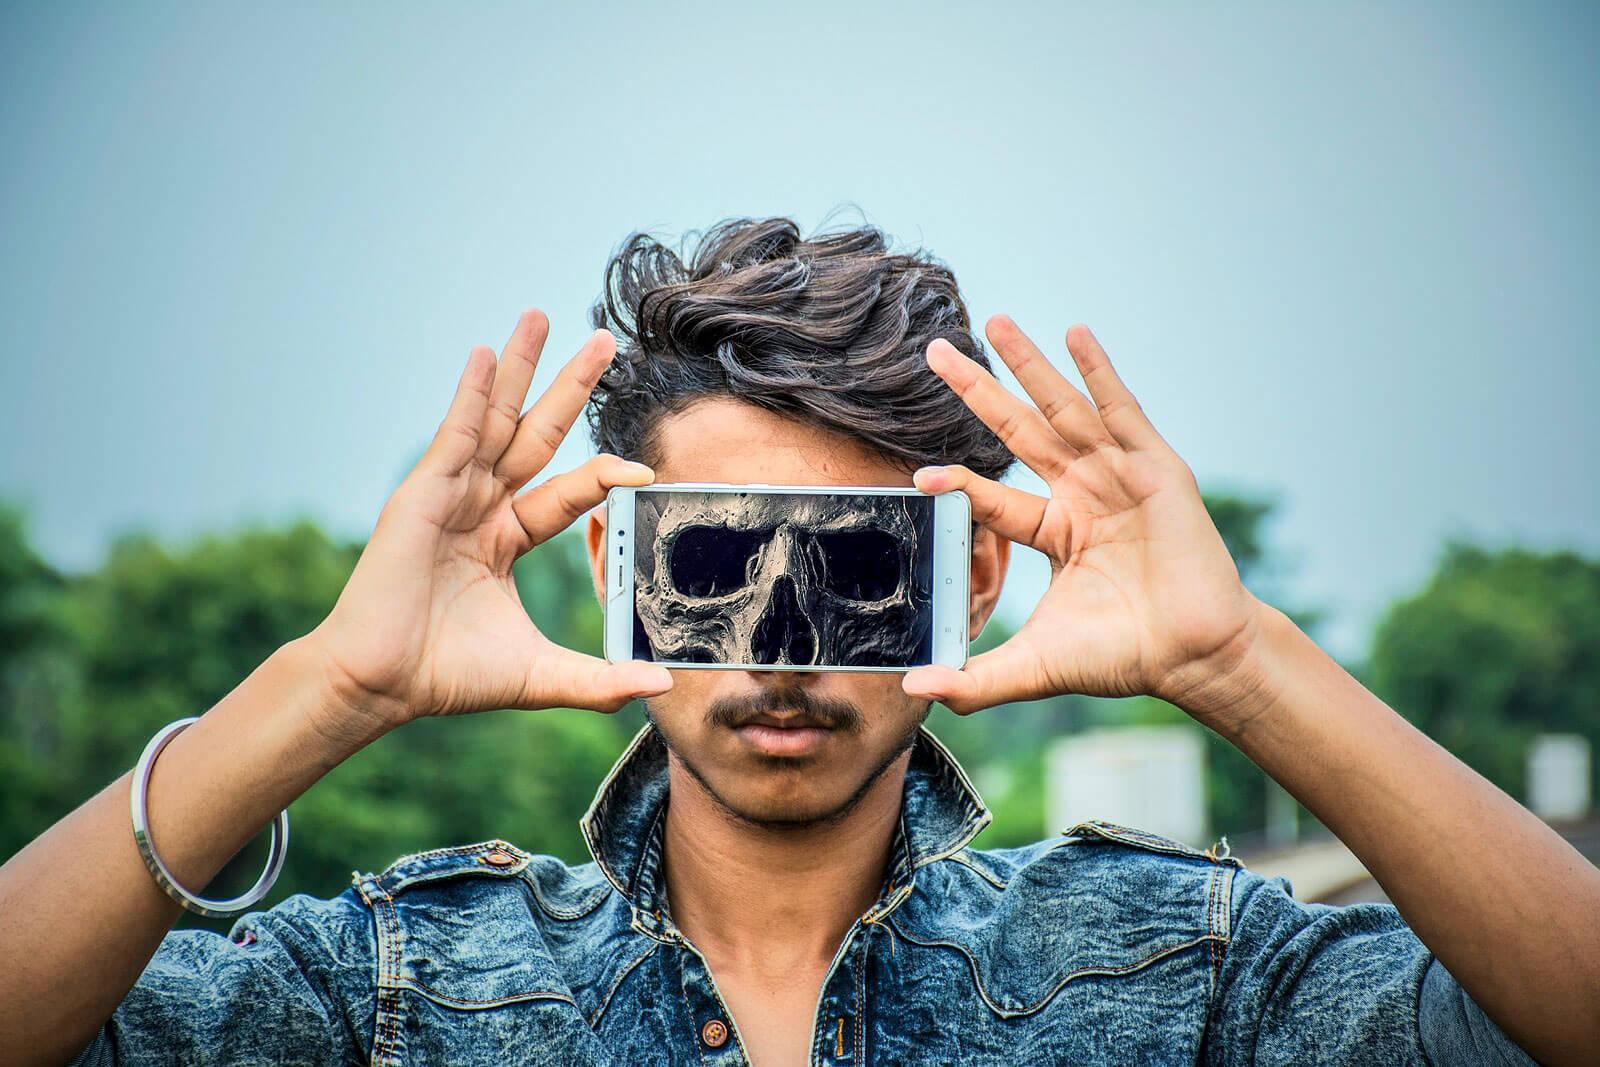 Rapaz com smartphone, à frente da cara, onde se vê uma imagem de uma caveira